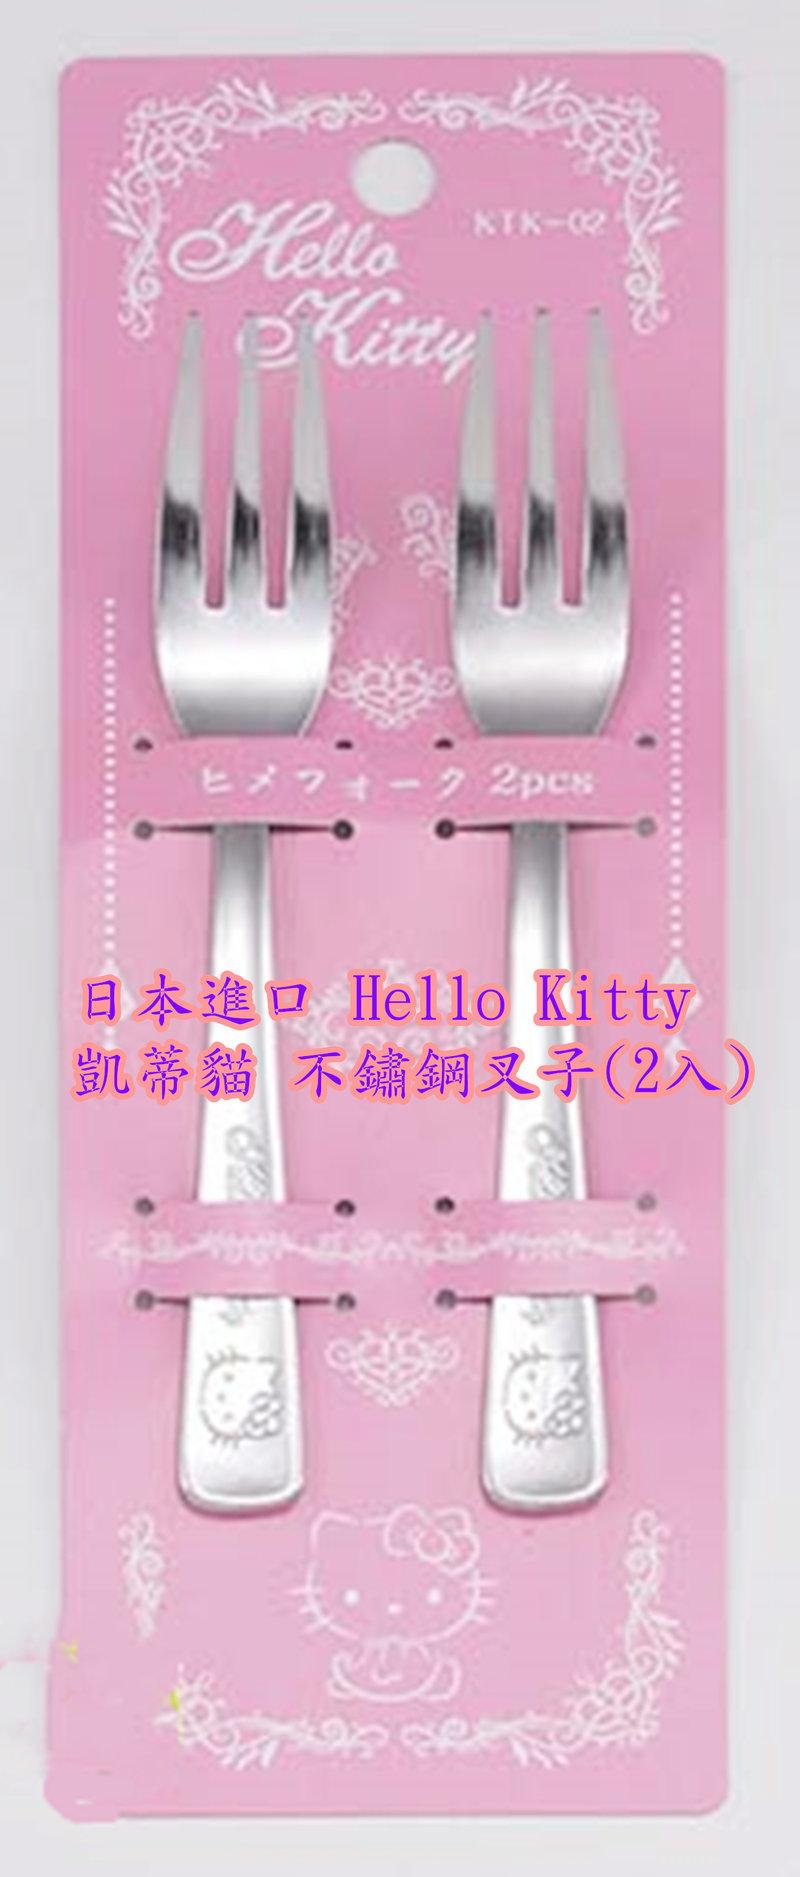 日本進口 經典 KT 不鏽鋼叉子組